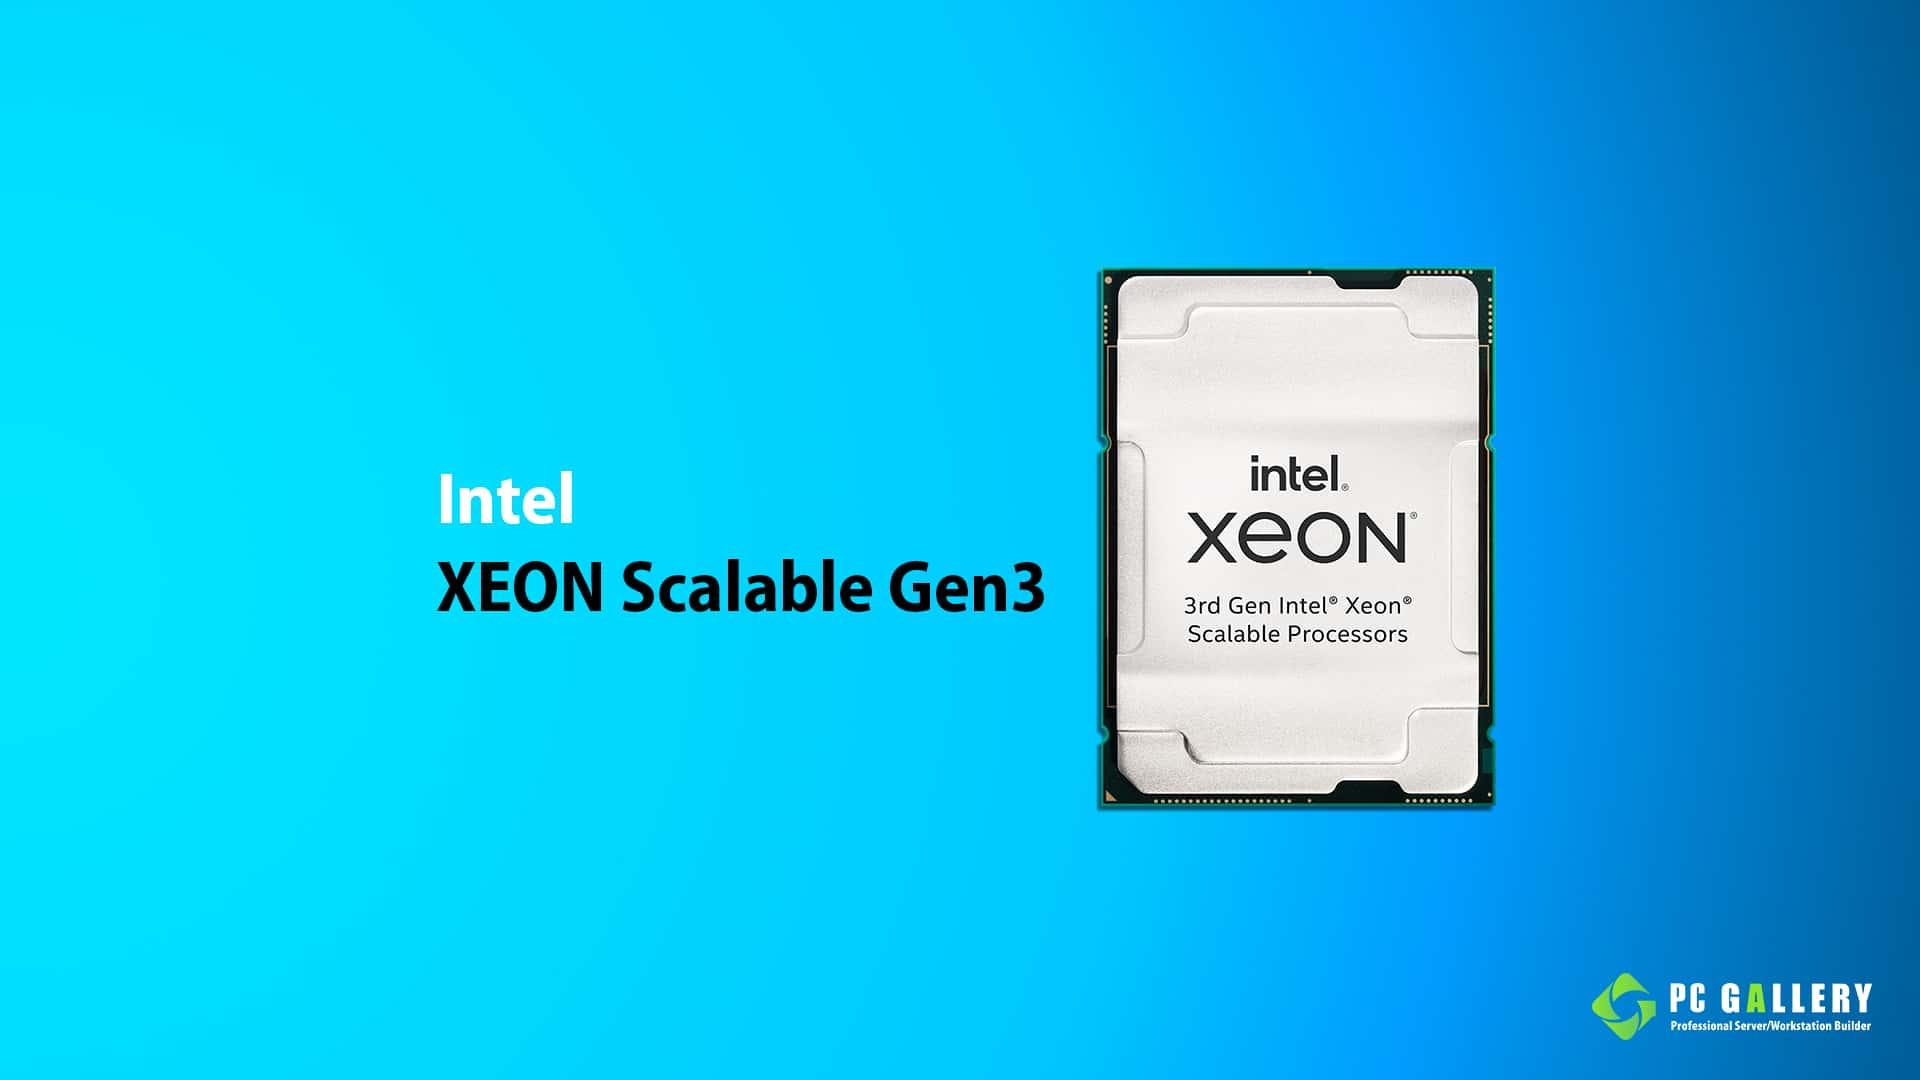 โปรเซสเซอร์ Intel XEON Scalable Gen3